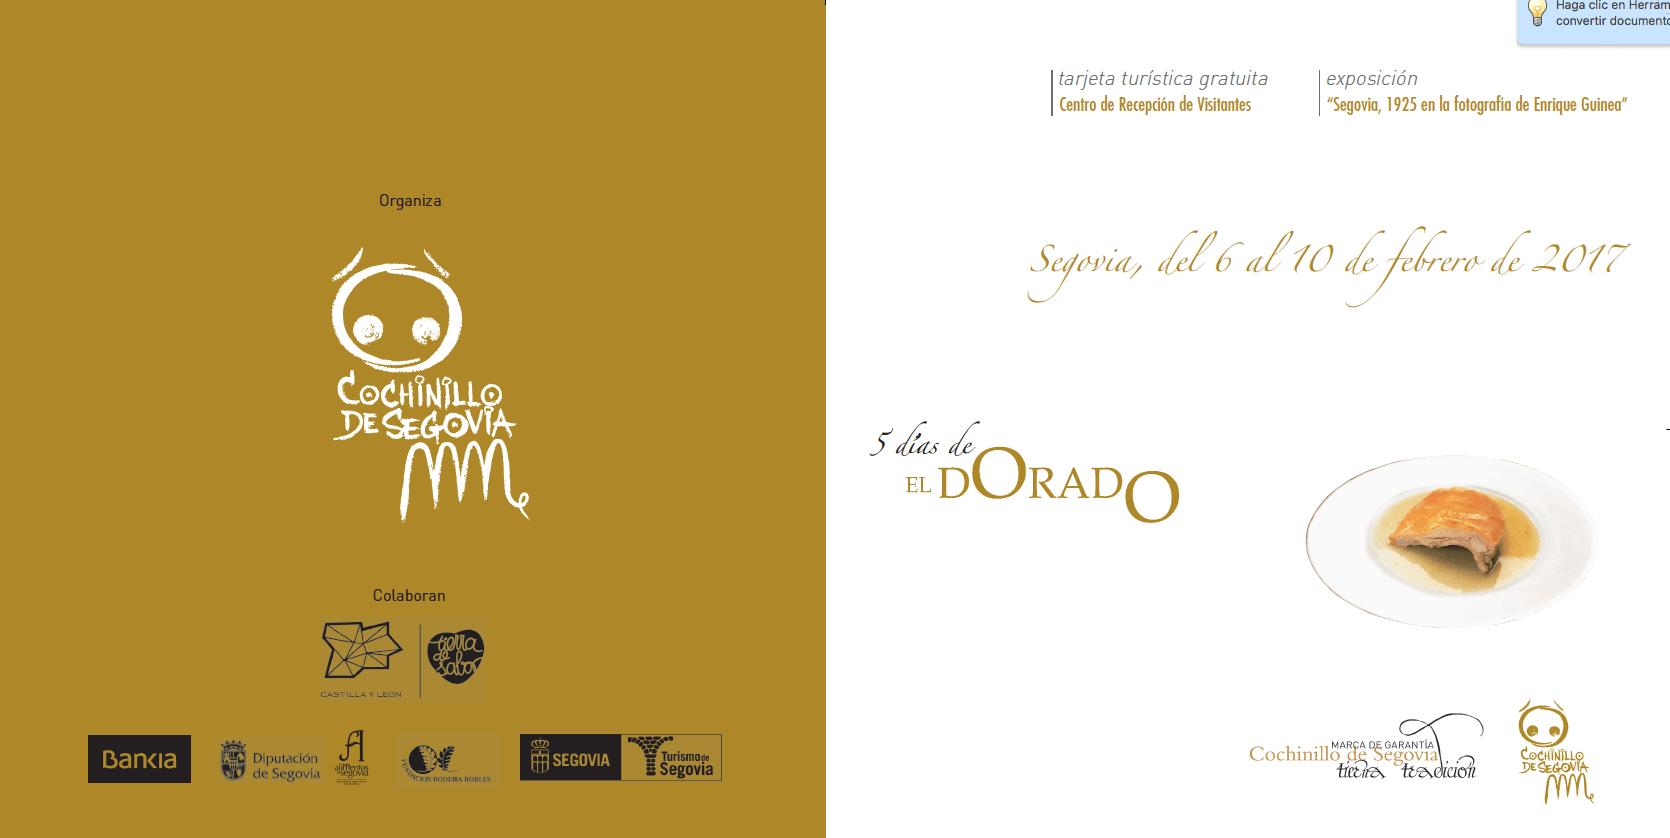 """Los 5 días de """"El Dorado"""" 2017: un homenaje a nuestros clientes y amigos"""